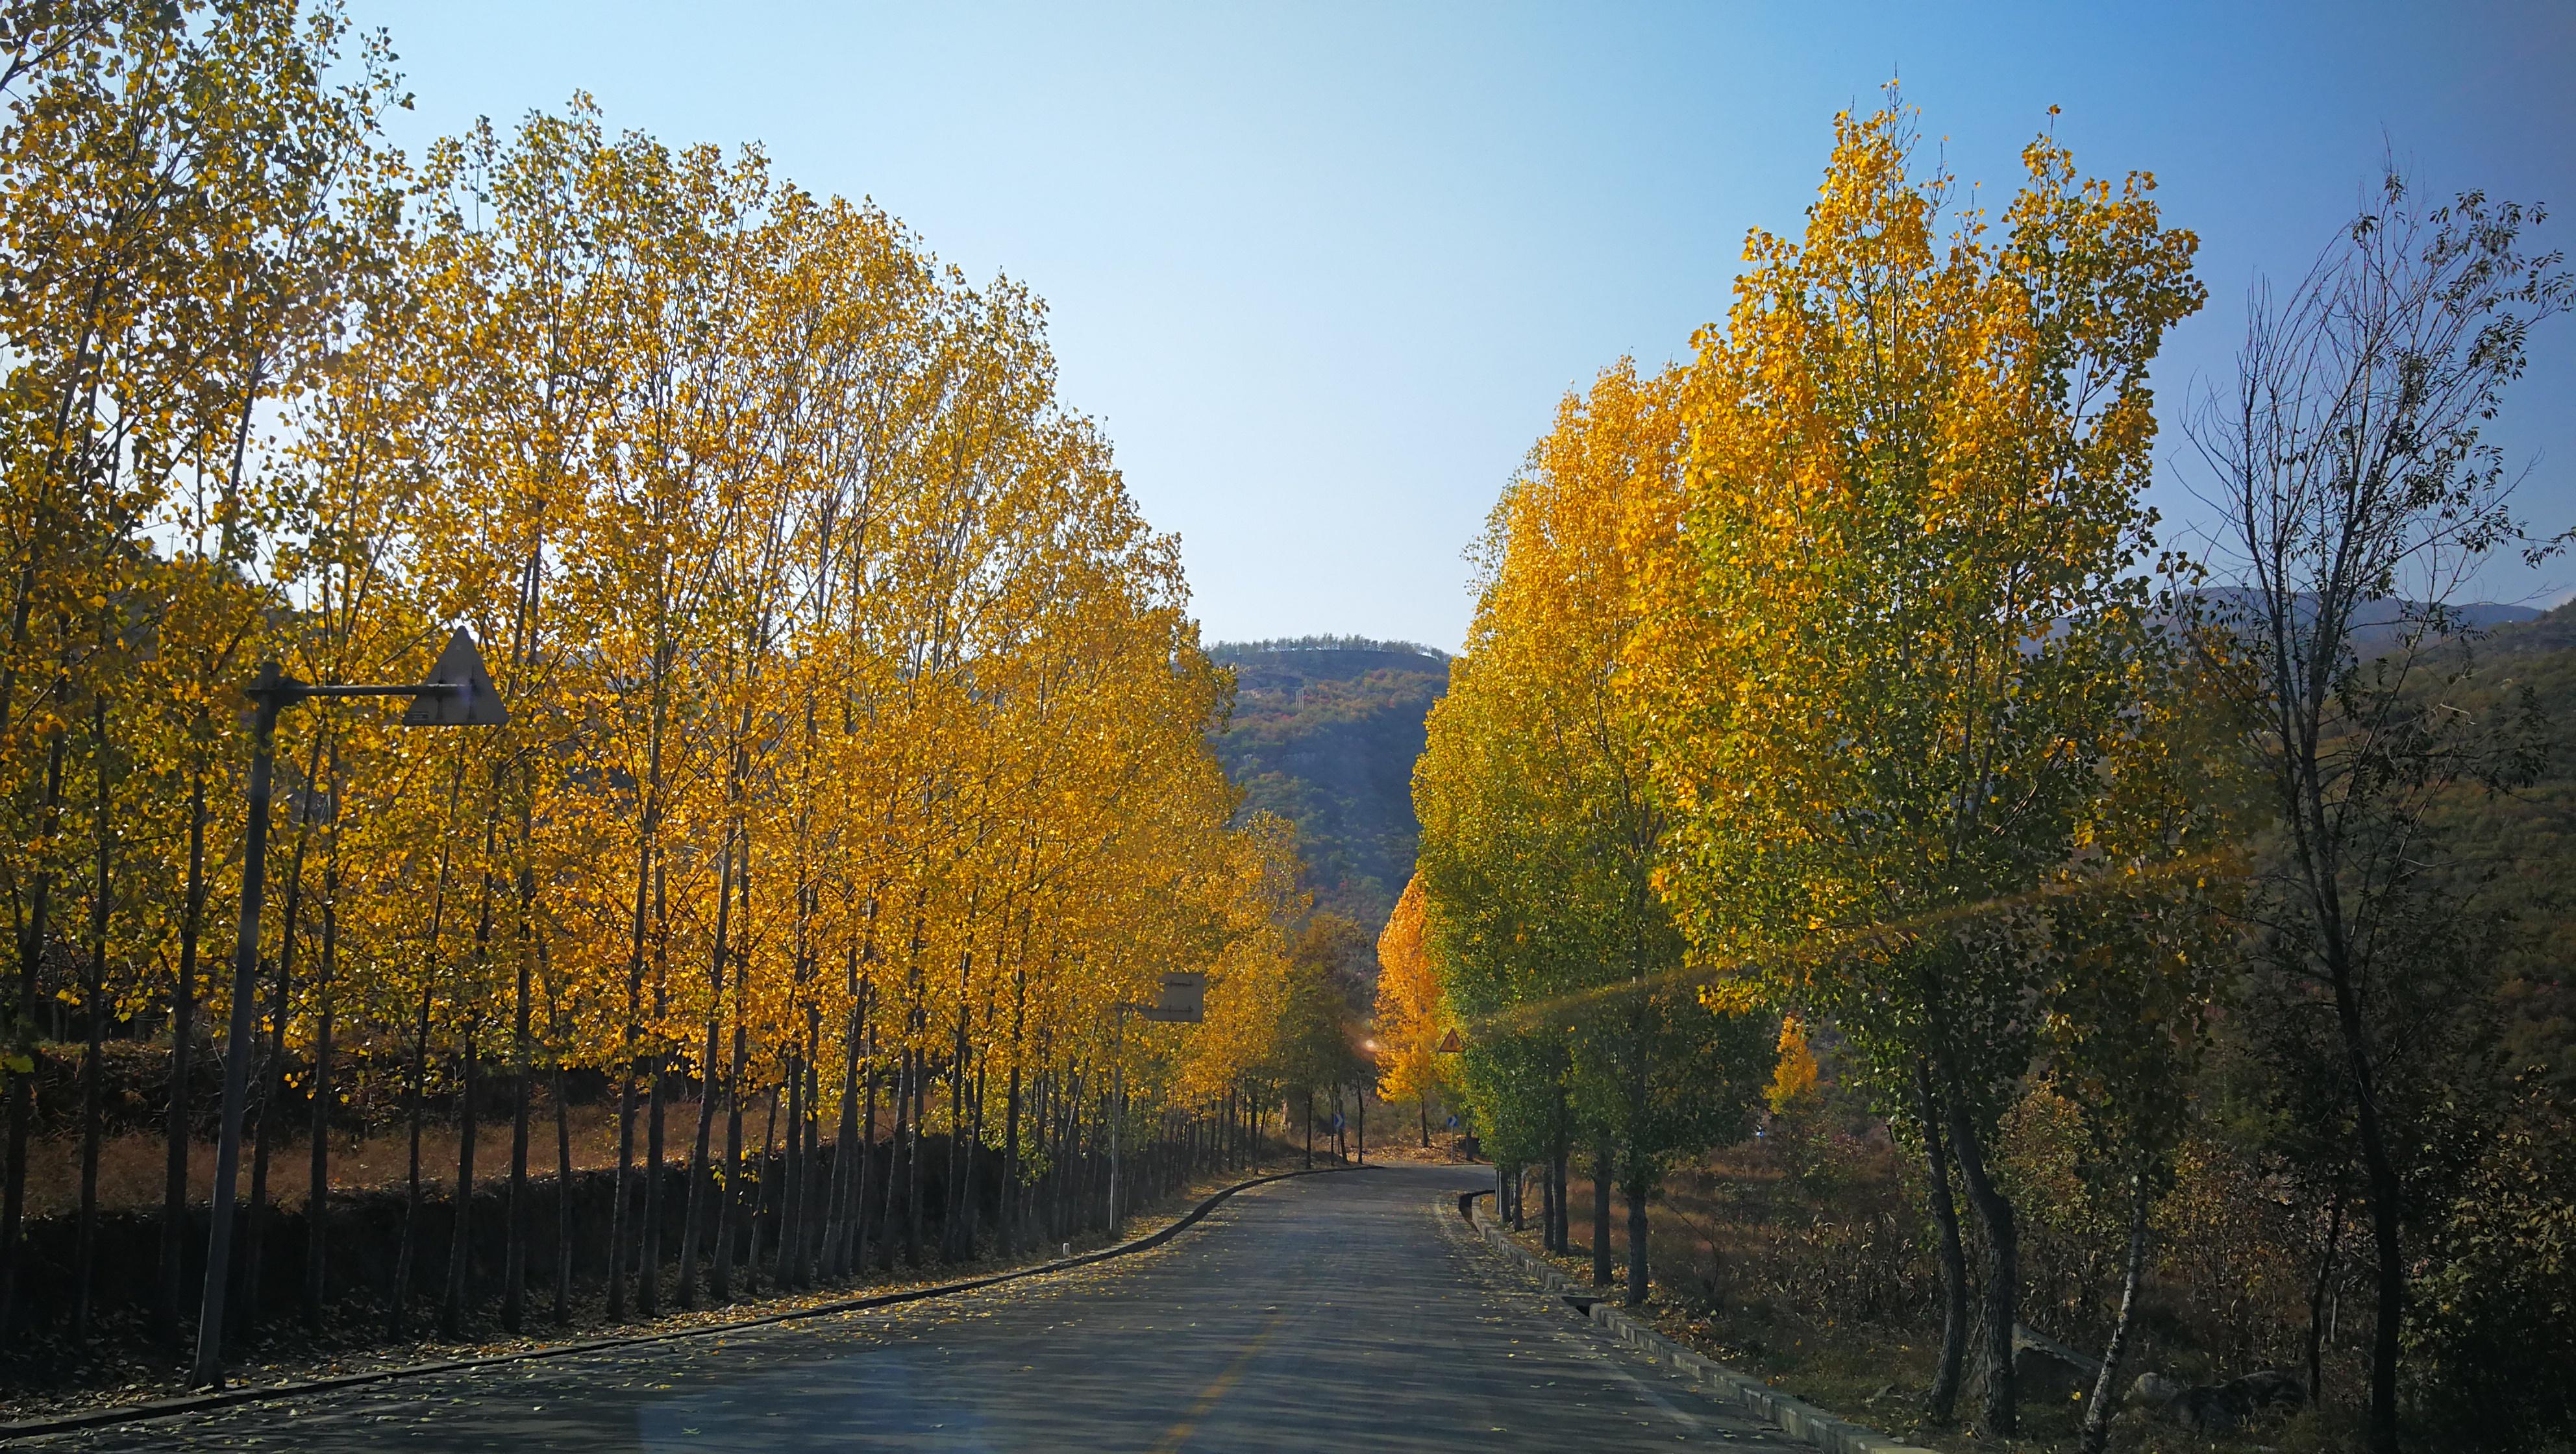 临汾市内的国家森林乡村 没事儿可以去散心放飞